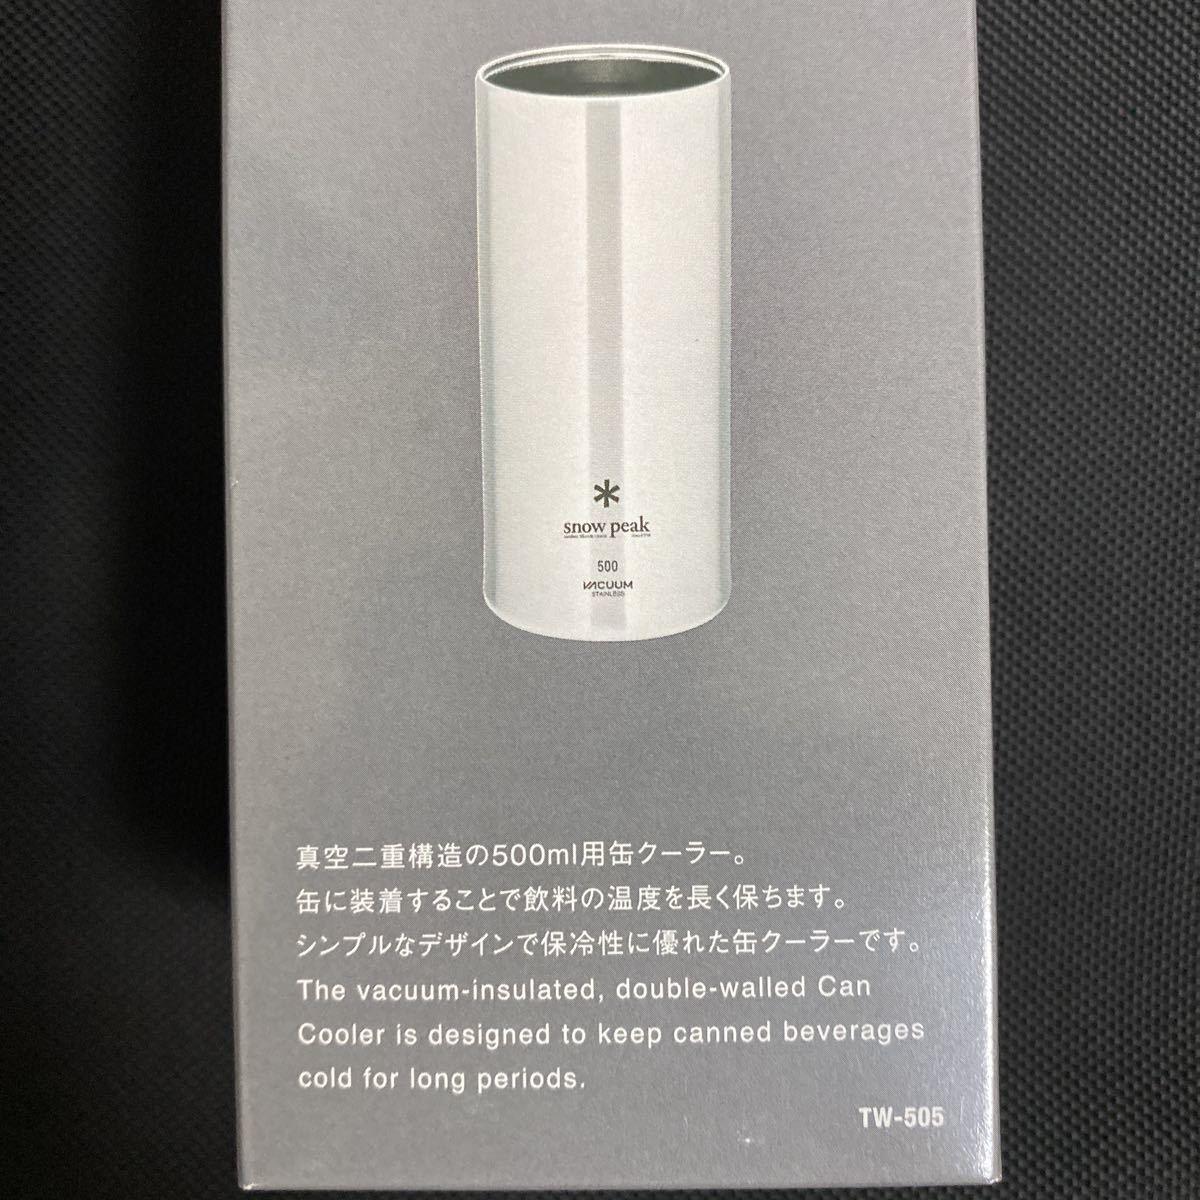 スノーピーク snow peak 缶クーラー350 TW-355 缶クーラー500 TW-505 品薄 人気商品 新品未使用品 送料無料 各2個ずつセット